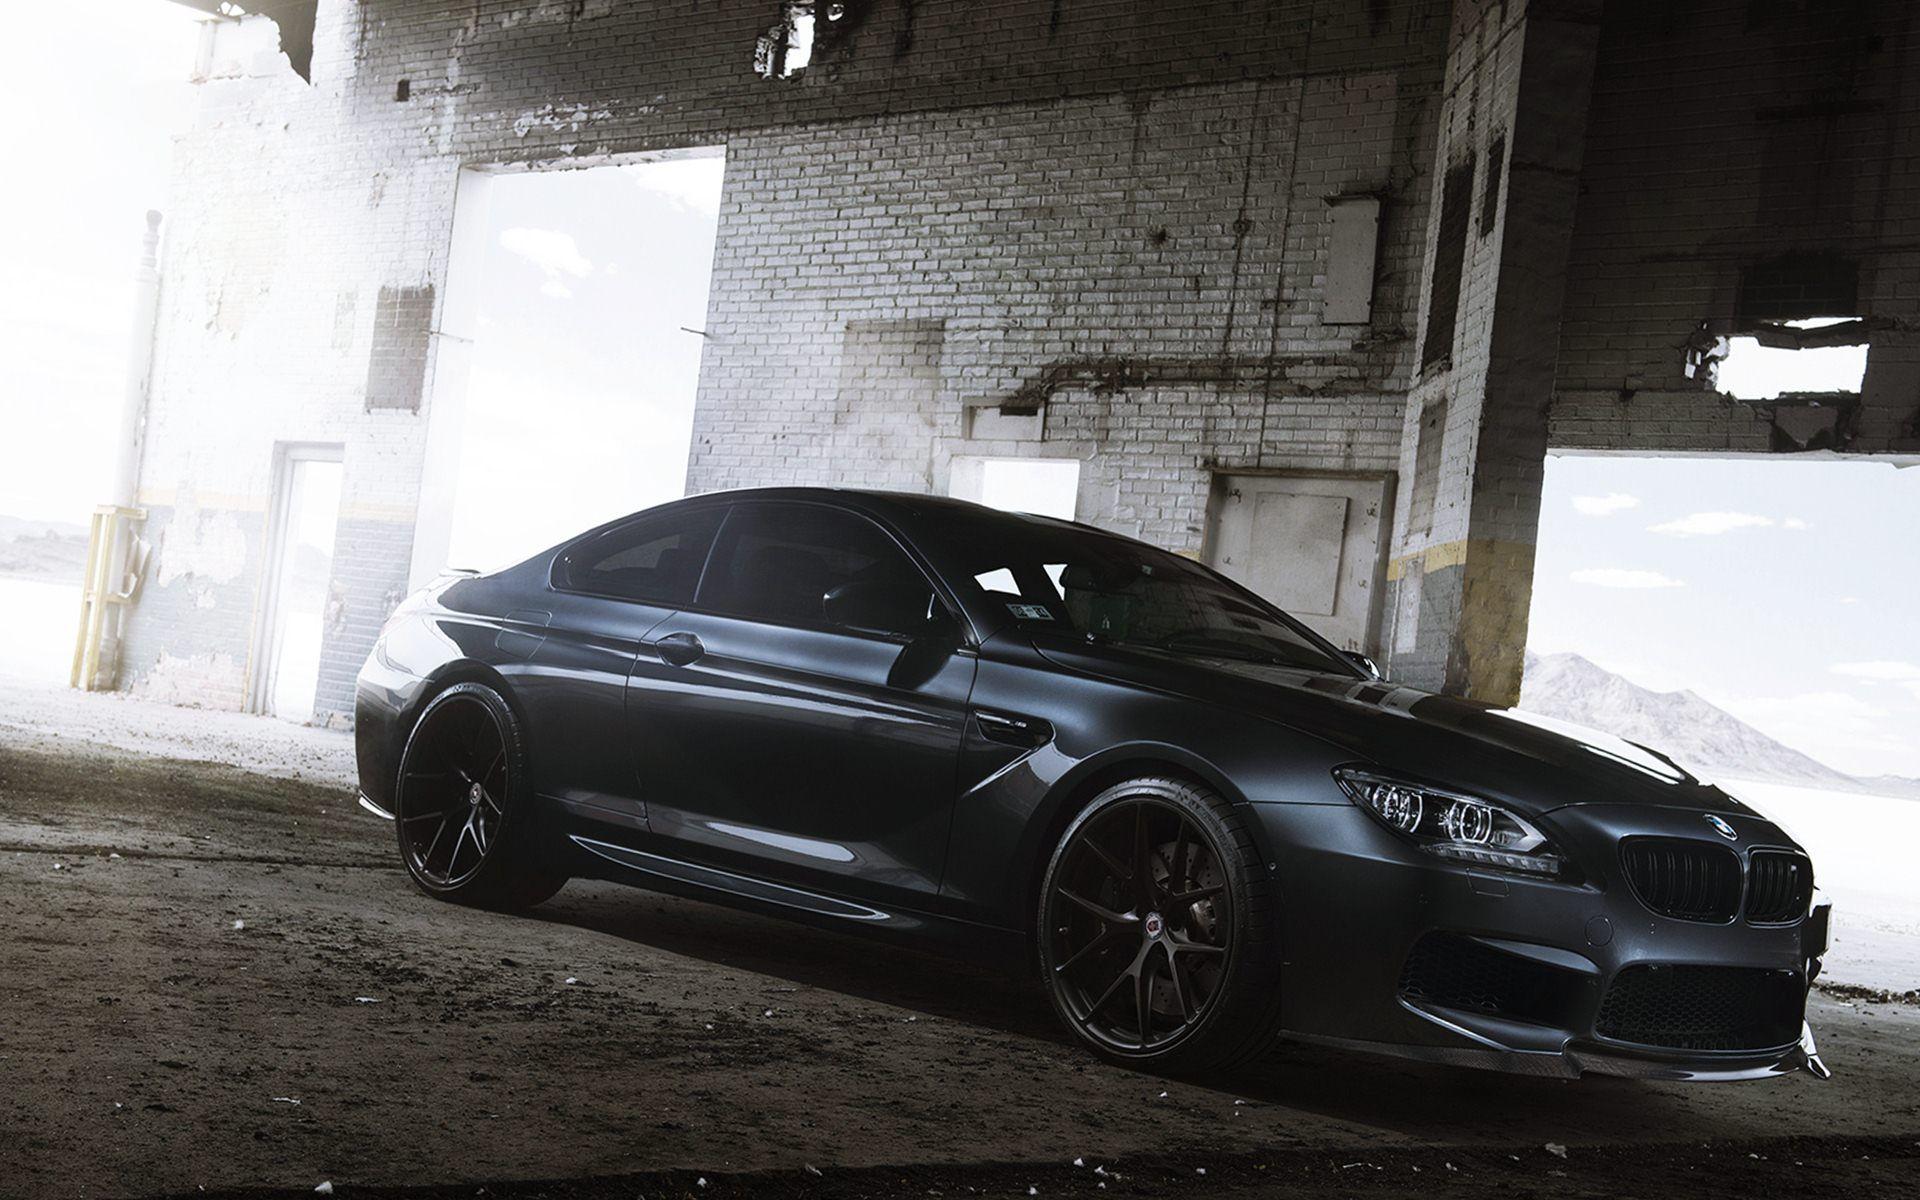 Black on Black BMW M4. A work of art. Bmw, Car, Bmw m4